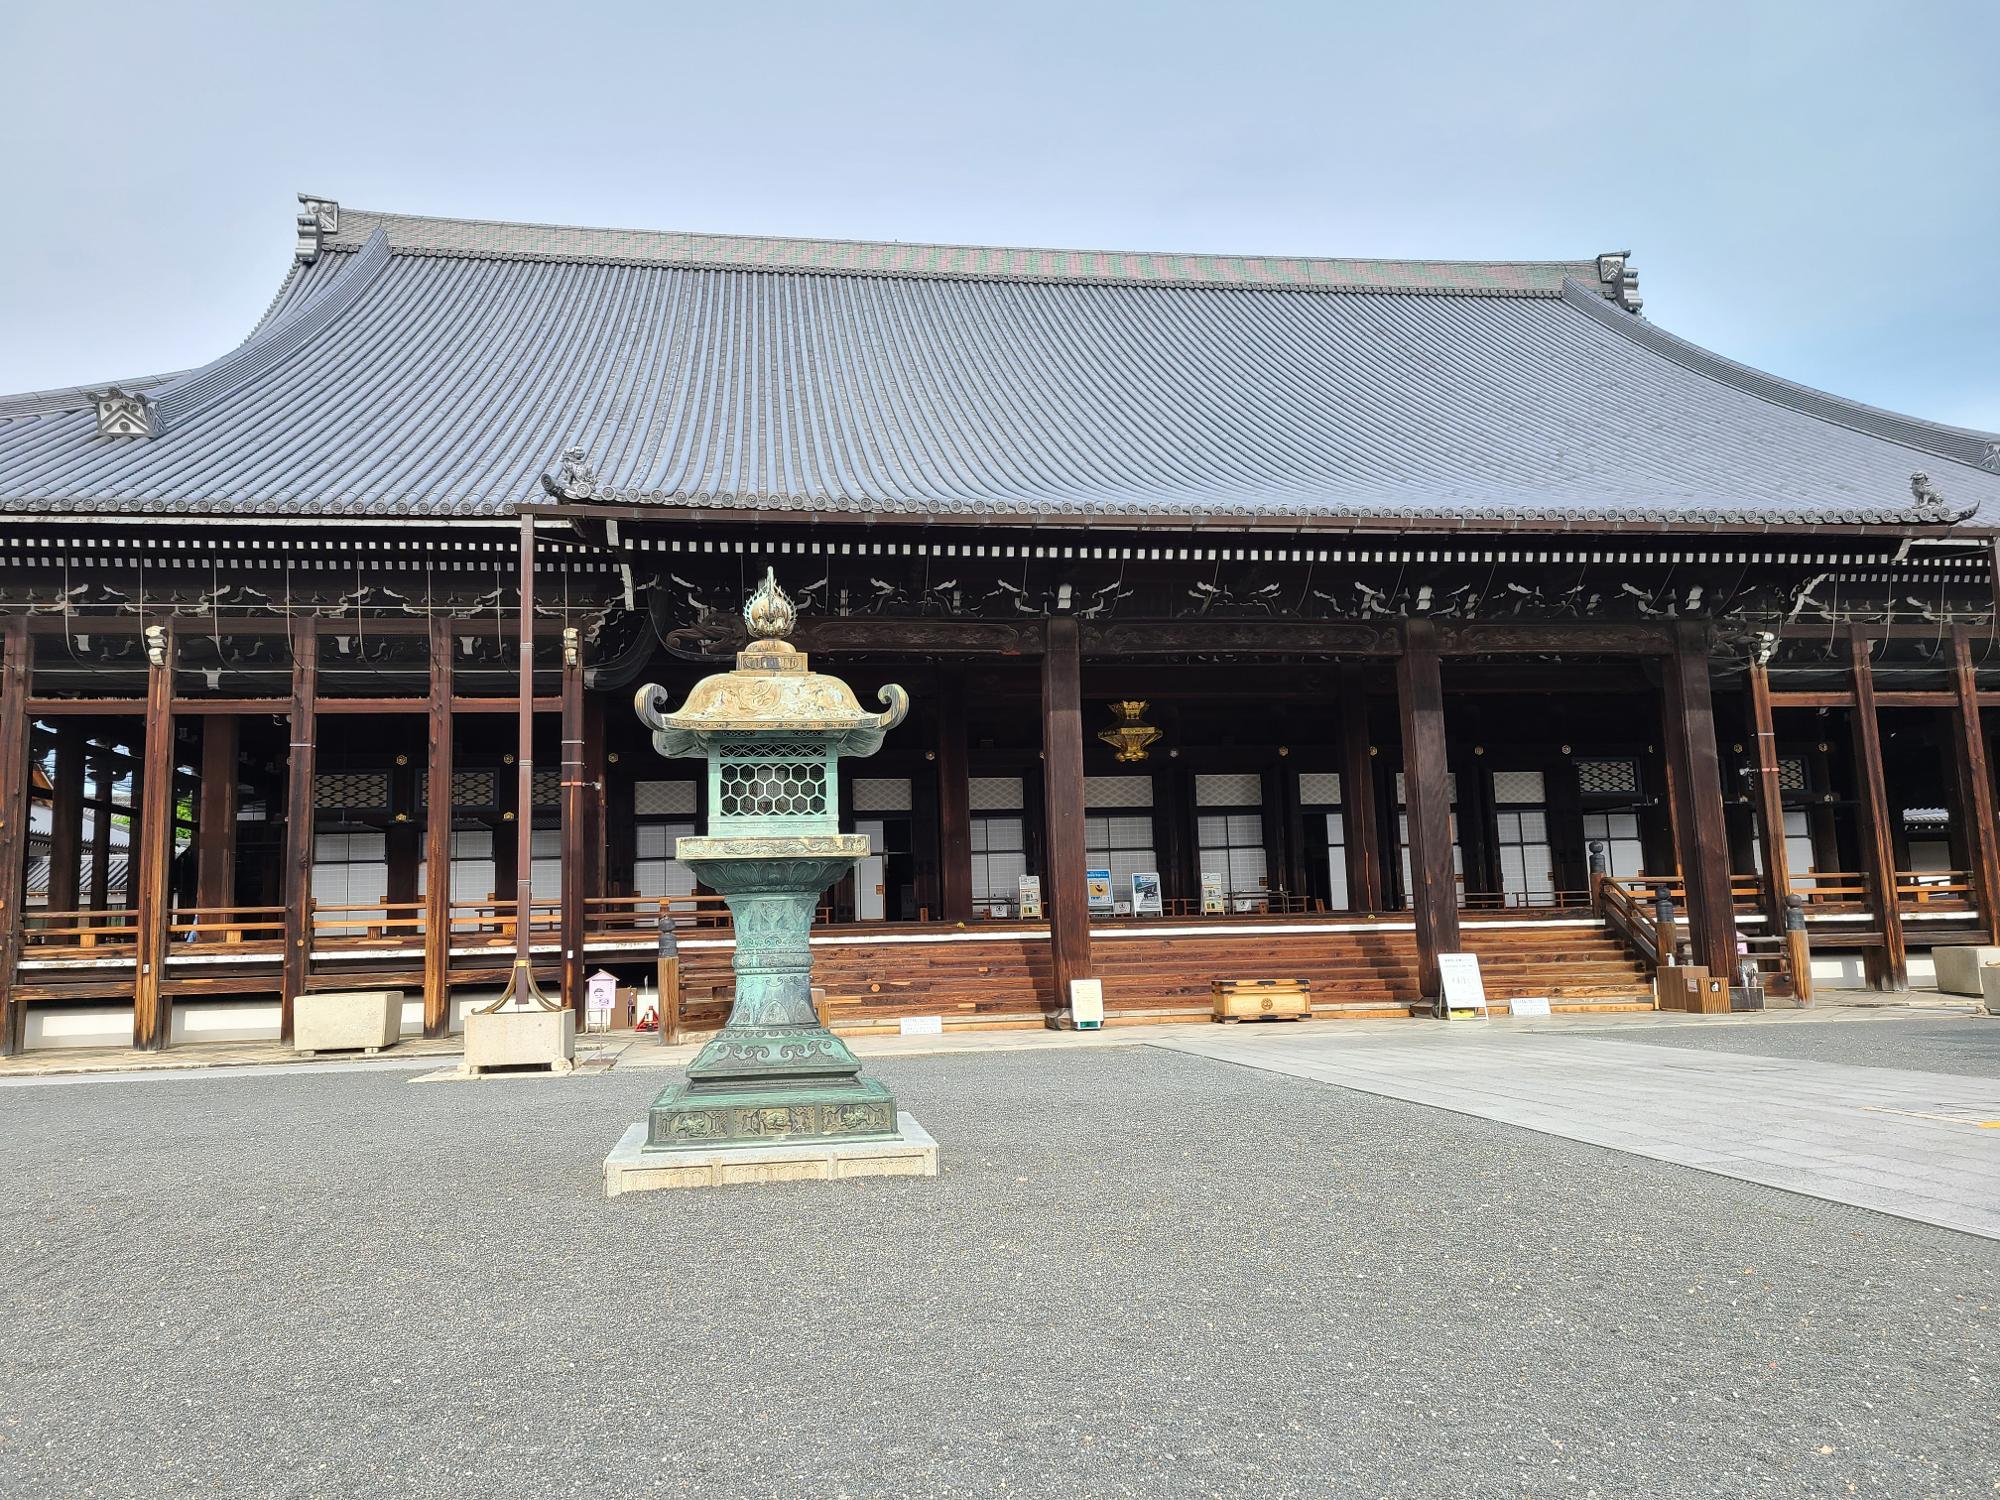 お西さんの愛称で知られる西本願寺